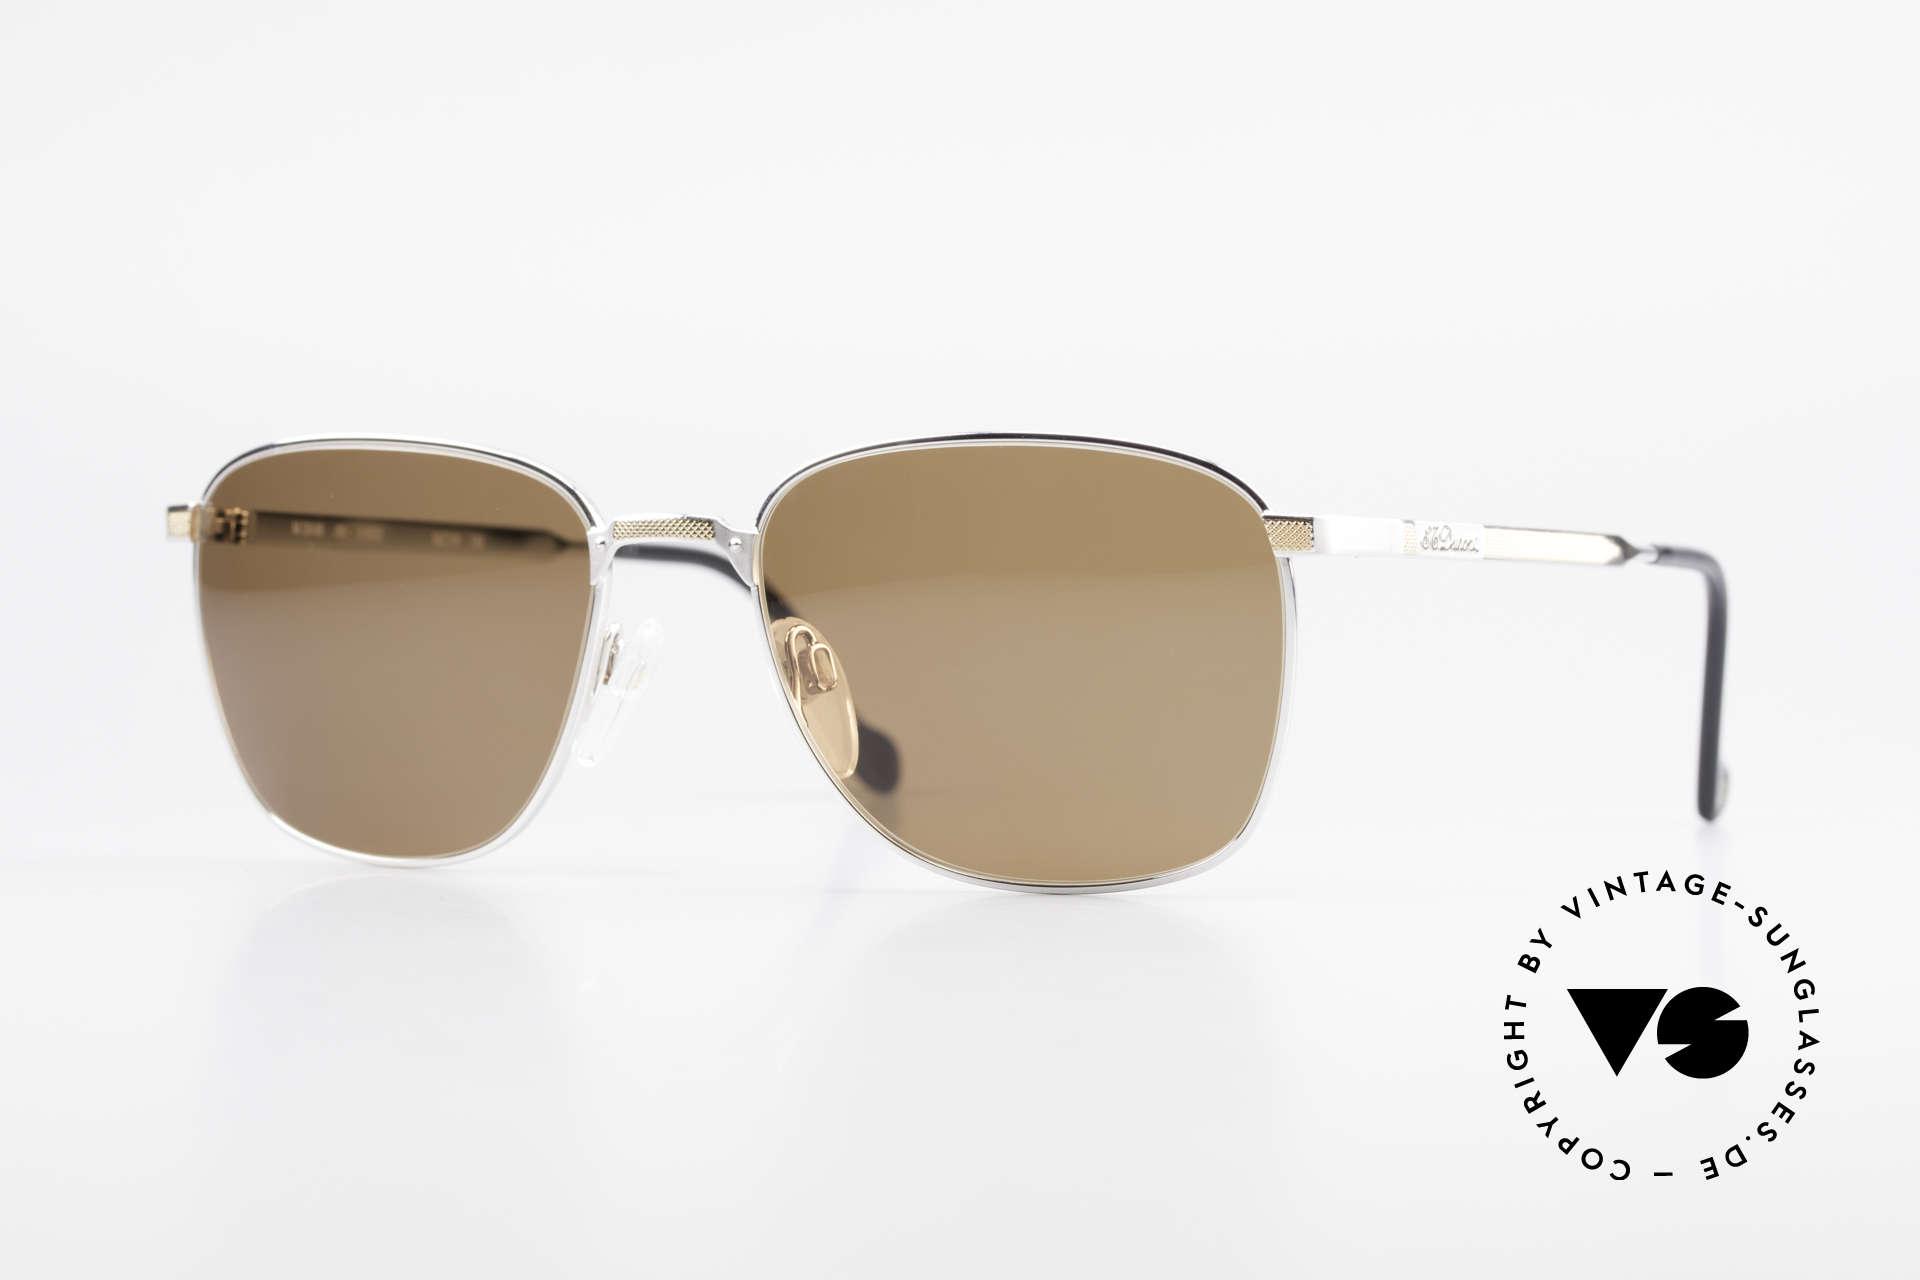 S.T. Dupont D048 90er Luxus Sonnenbrille 23kt, klassische Herren LuxusSonnenbrille von S.T. Dupont, Passend für Herren